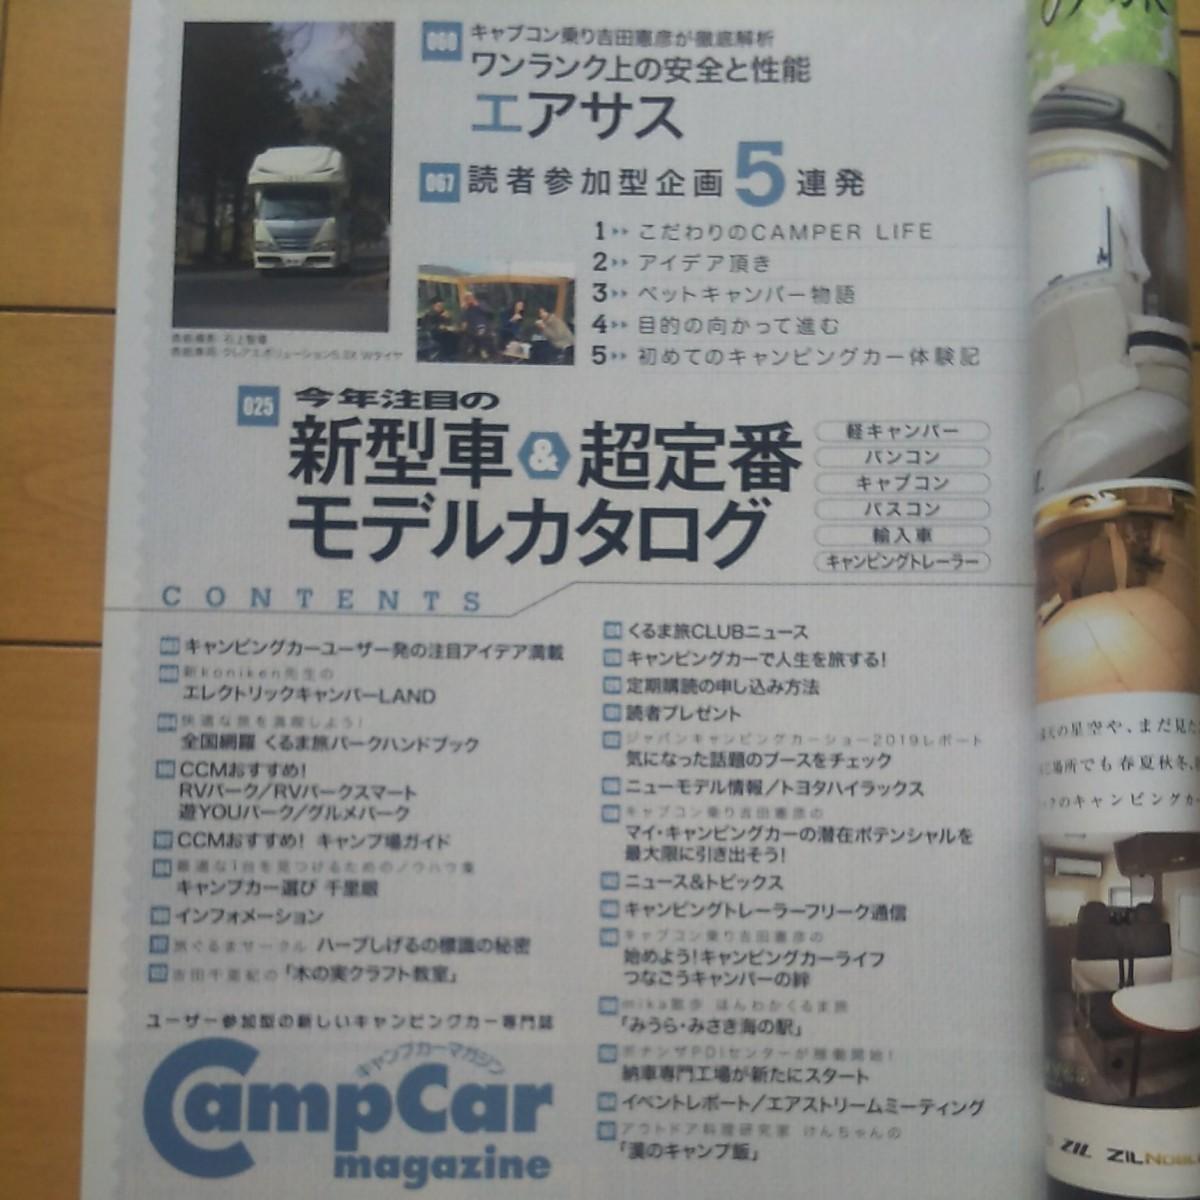 キャンプカーマガジンvol73/2019/4月号